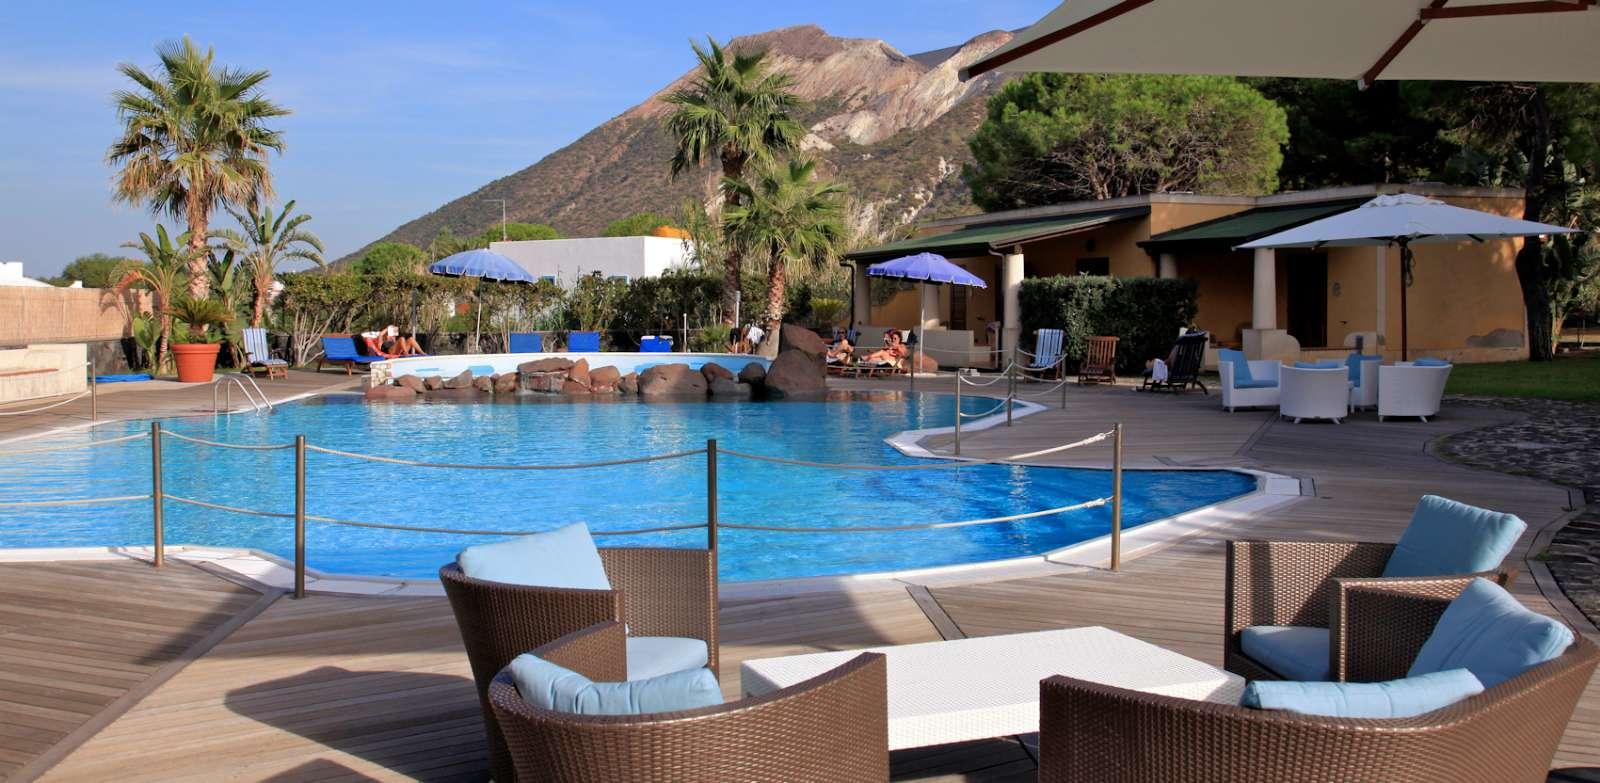 Der Pool und die Aussicht auf den Vulkan